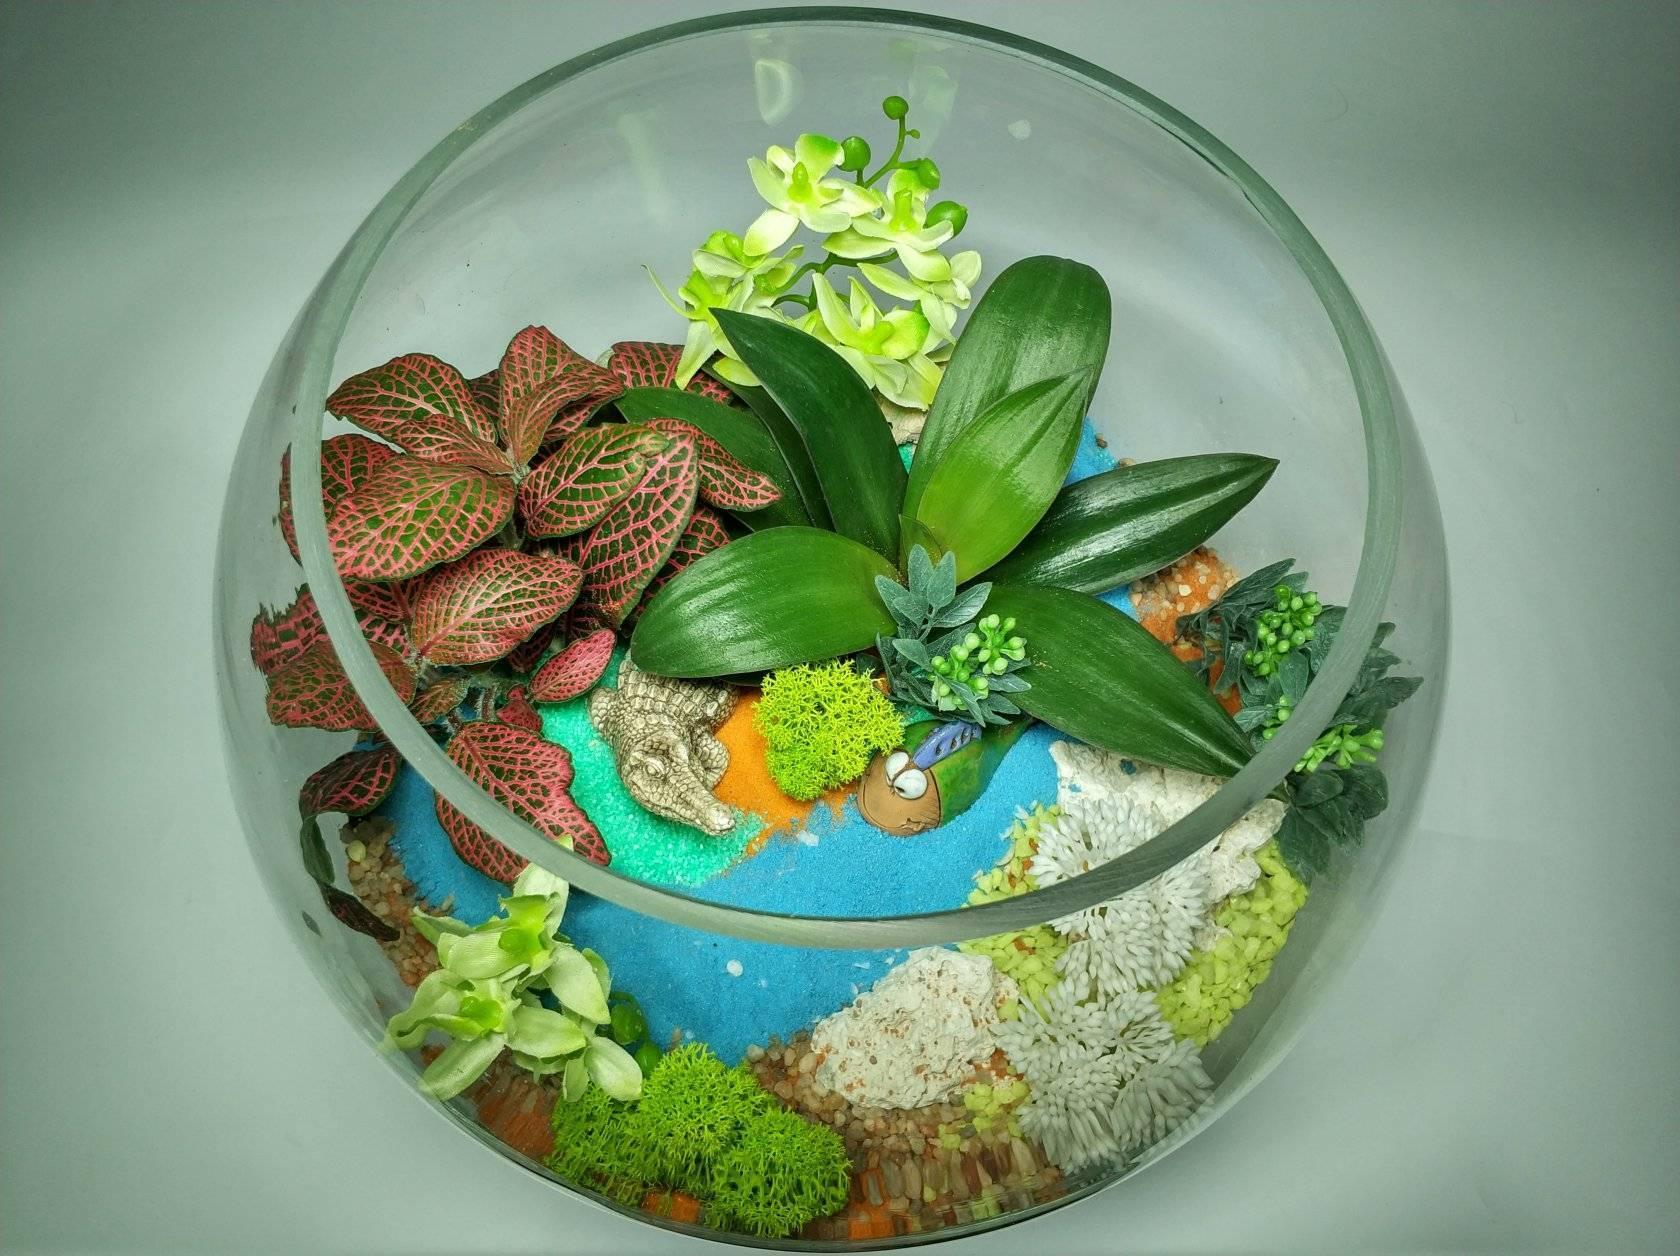 Живой микромир своими руками: делаем флорариумы